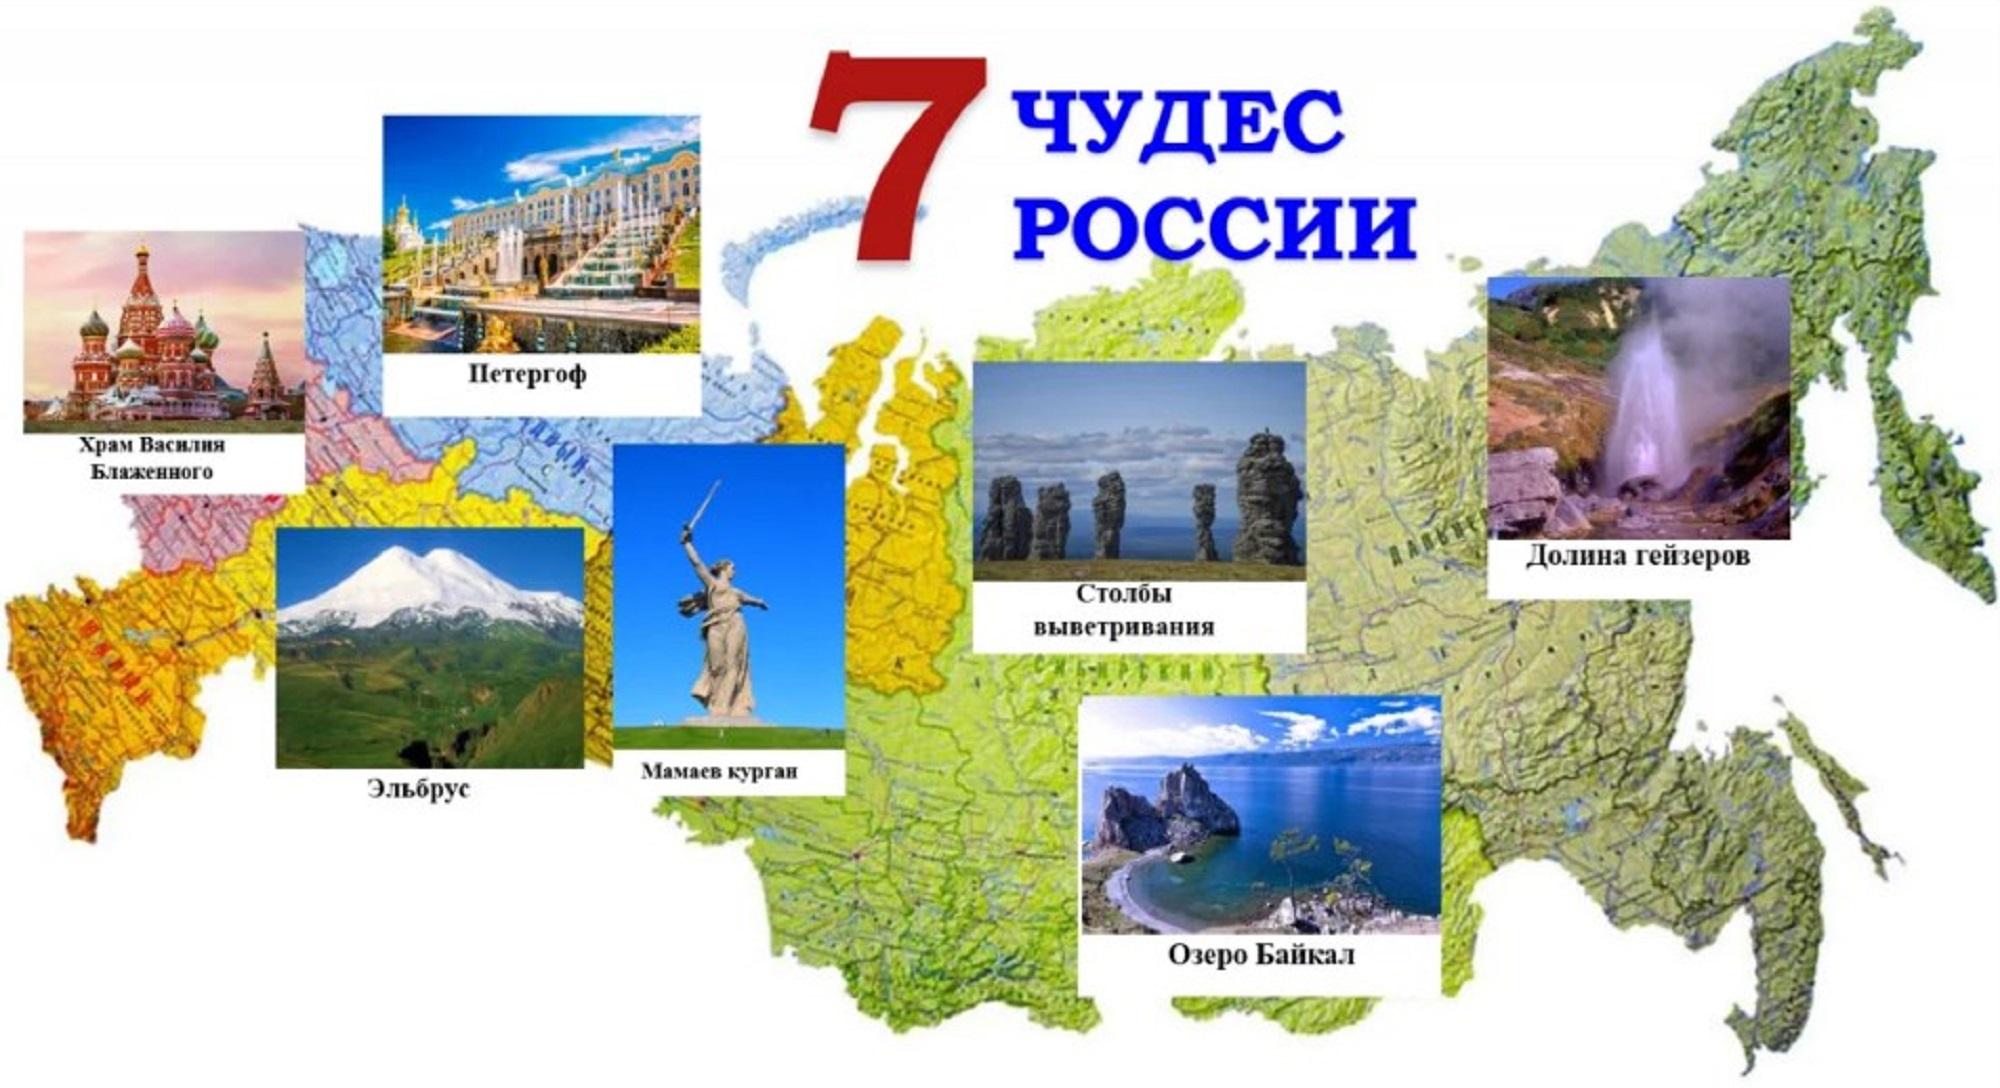 Вот чудеса! 7 чудес России, которые видели не все